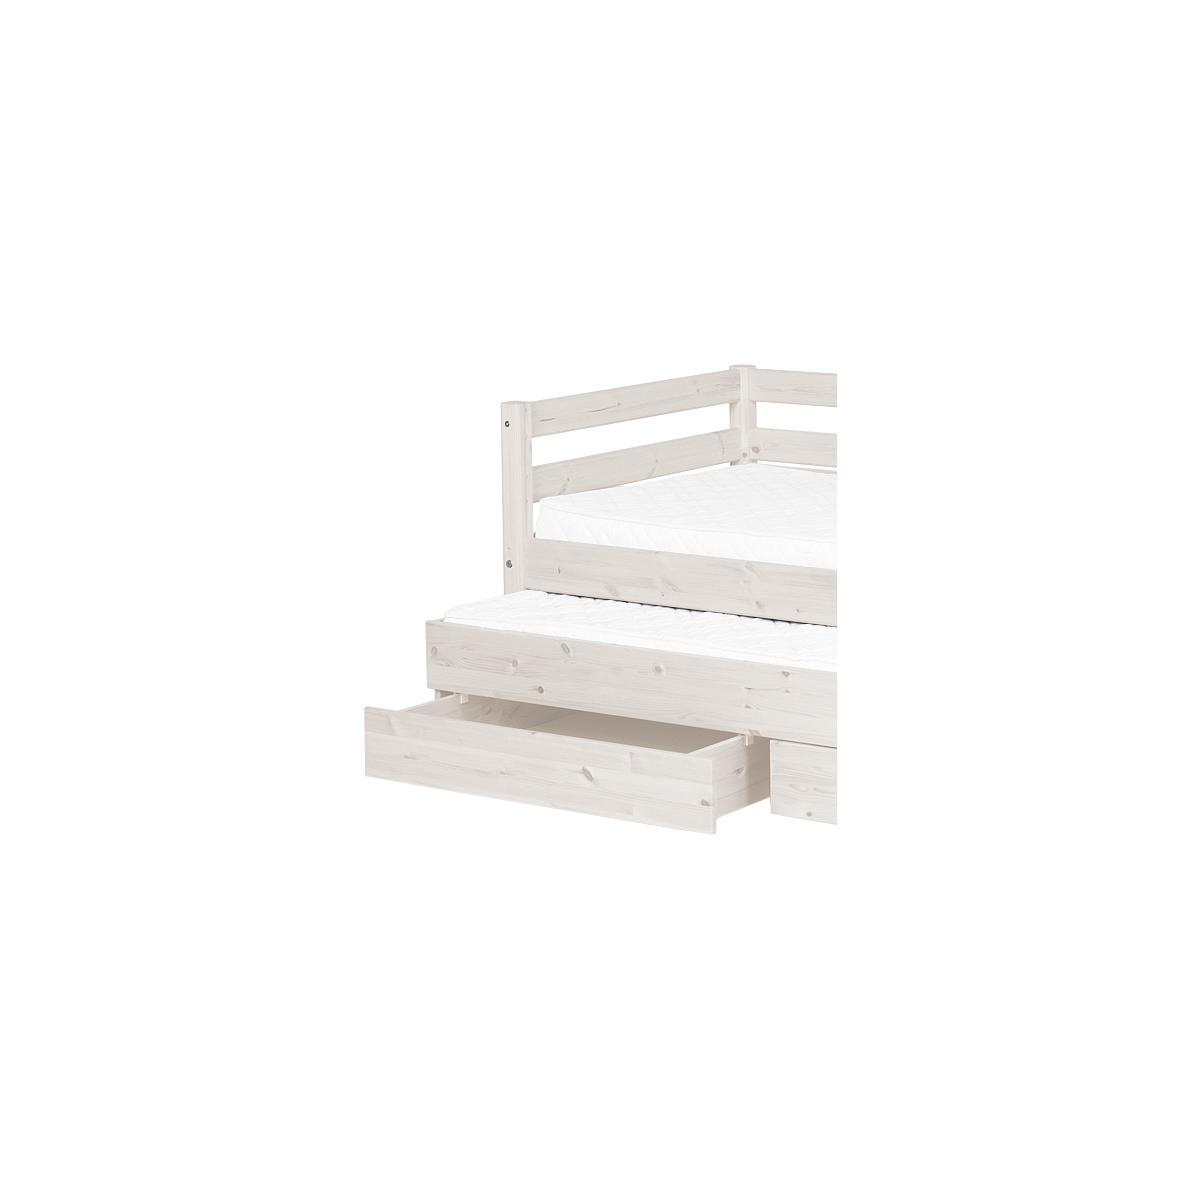 Sofá Cama arrastre 2 cajones 90x200 CLASSIC Flexa blanco cal